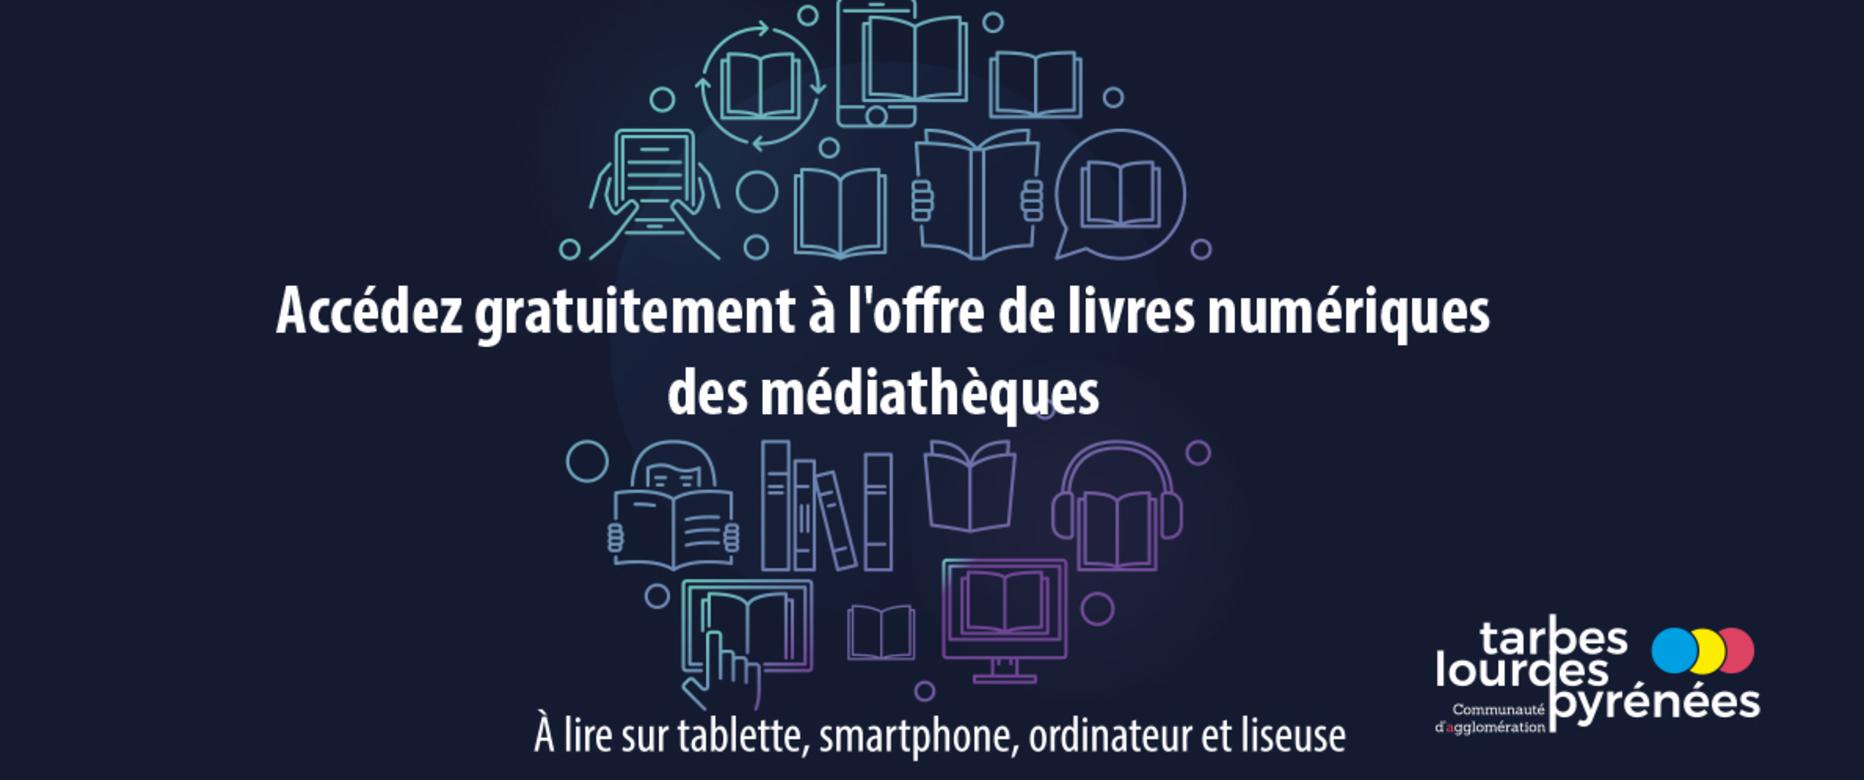 Accédez gratuitement à l'offre de livres numériques des médiathèques !